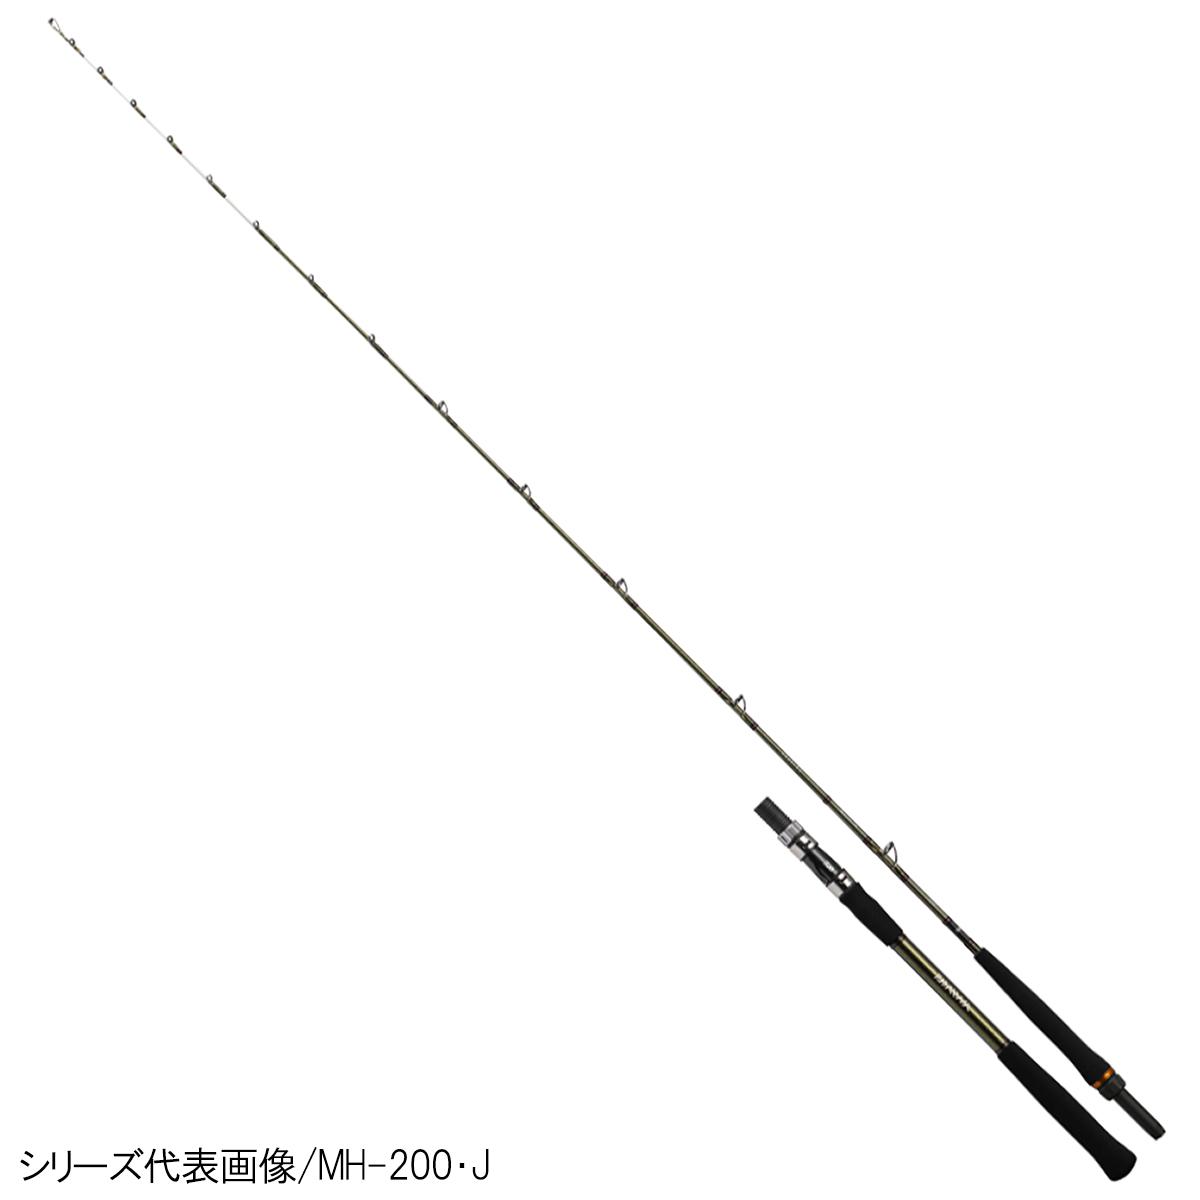 ダイワ リーディング ネライ M-230・J【大型商品】